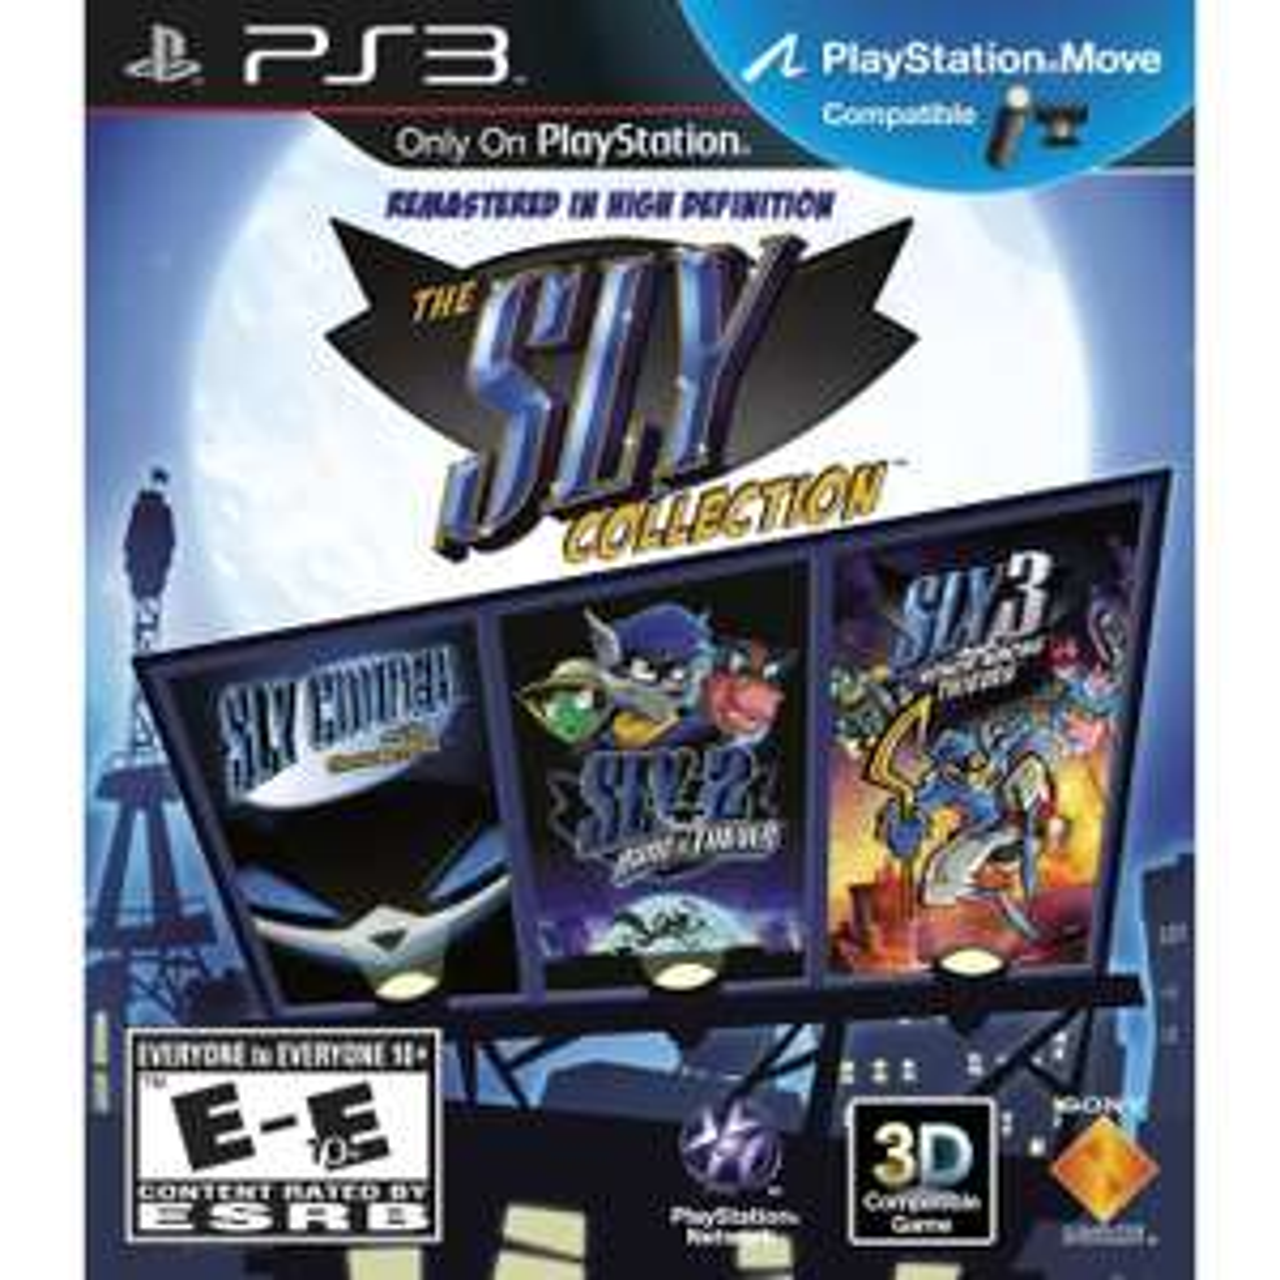 PS3. Colección de Sly Cooper por $4.49 usd